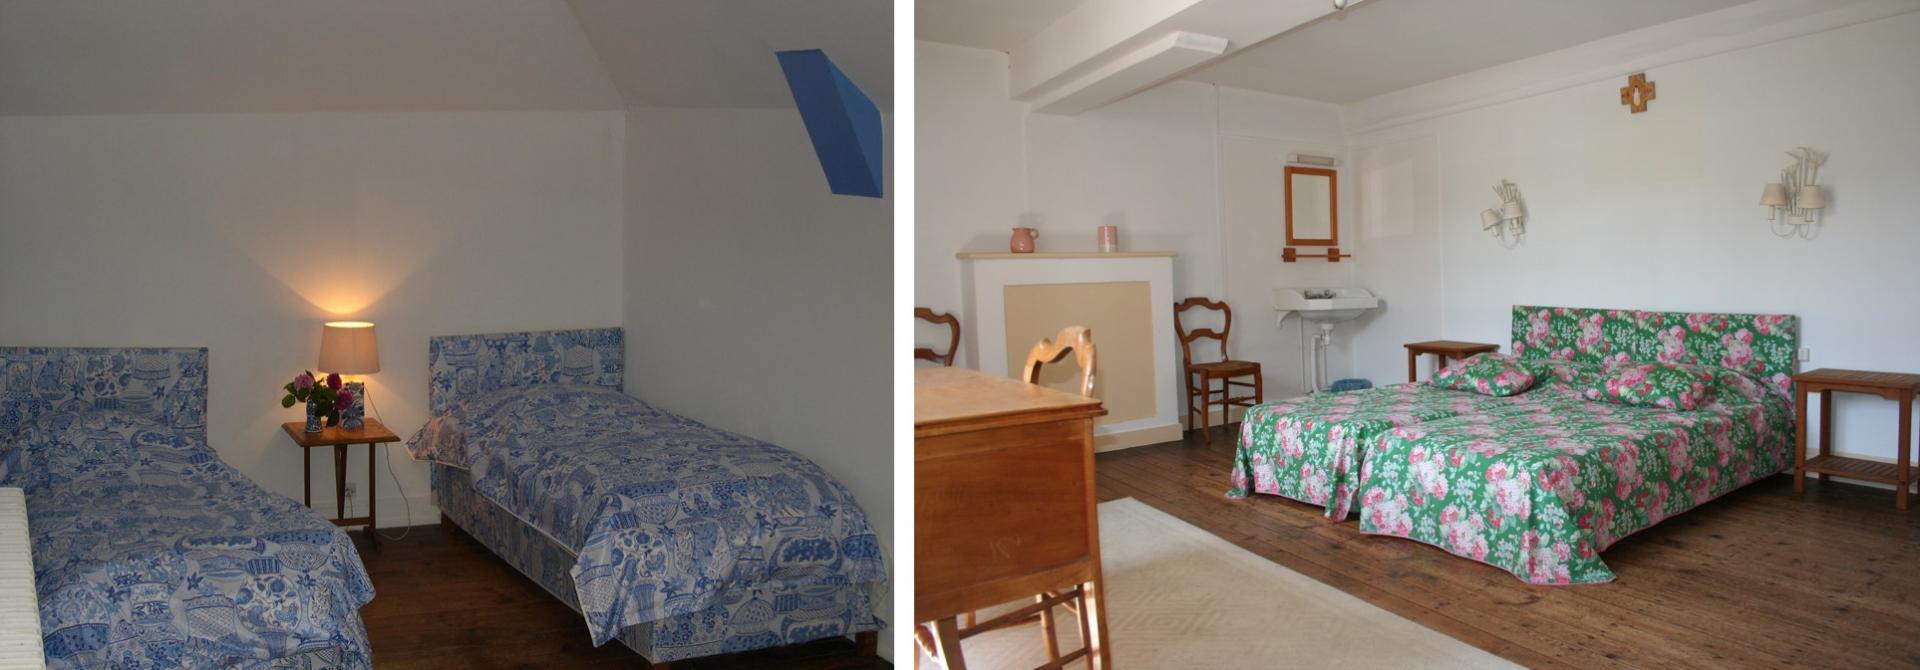 Banniere nouvelles chambres manoir